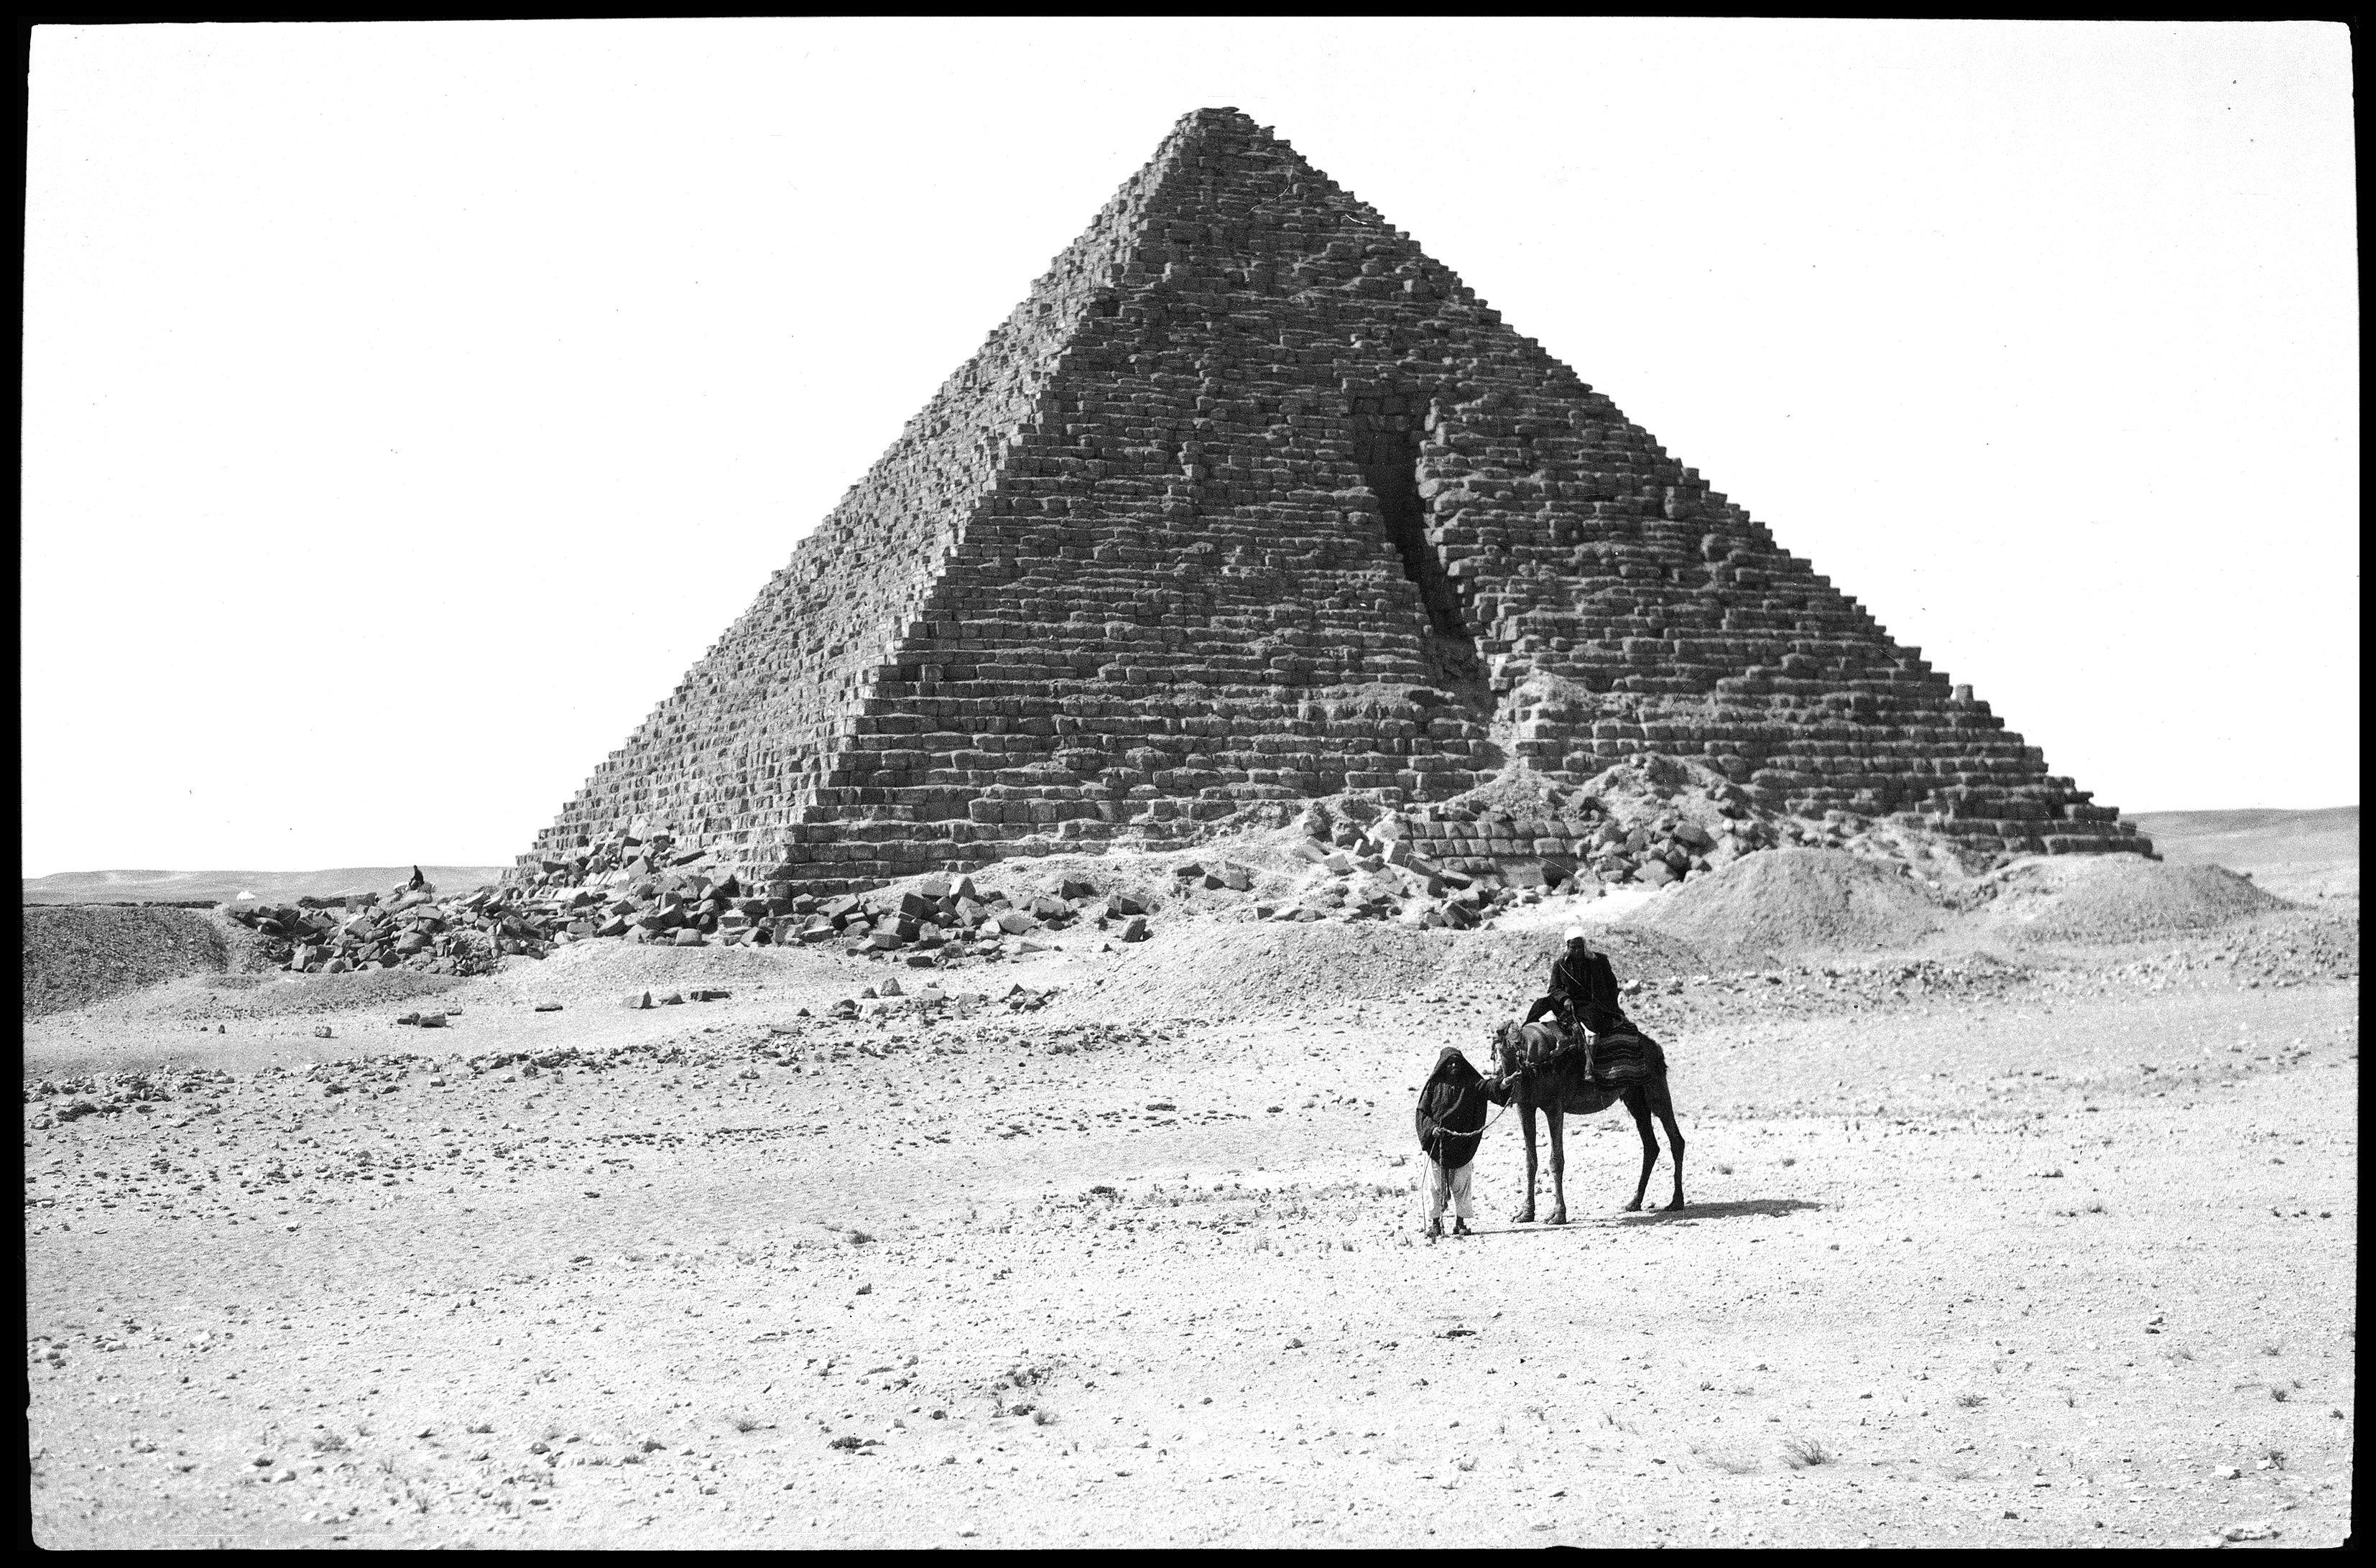 Гиза. Пирамида и верблюд